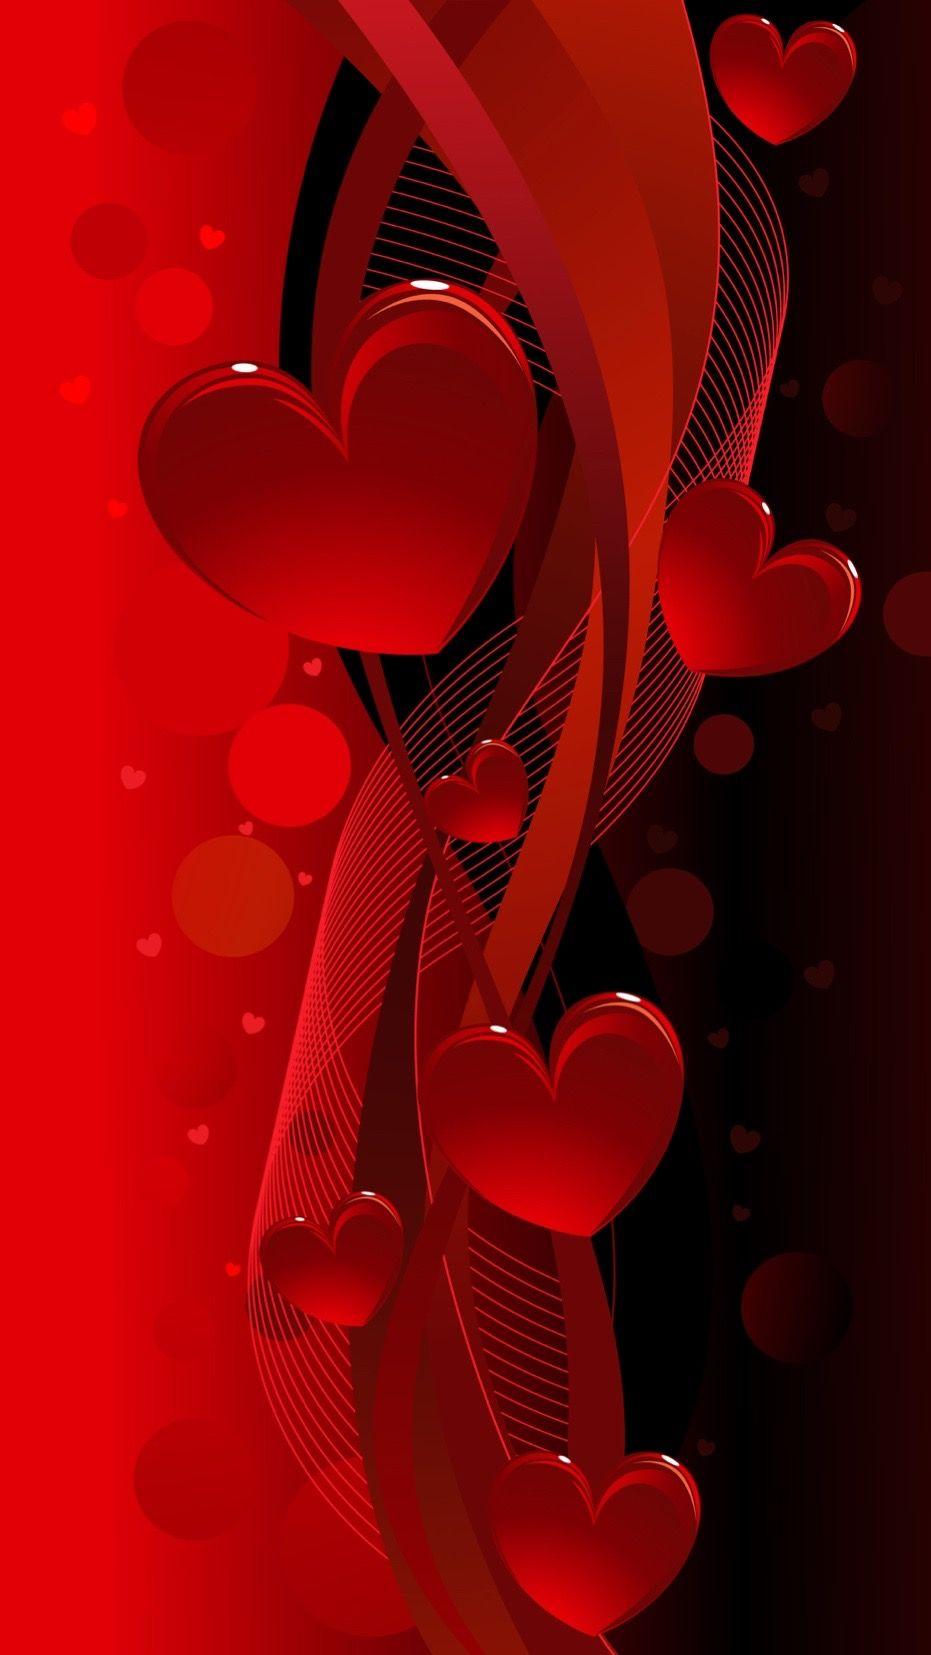 Rote Herzen Meine Lieblingsfarbe Daizo Und Janna Love Wallpaper Heart Wallpaper Valentines Wallpaper